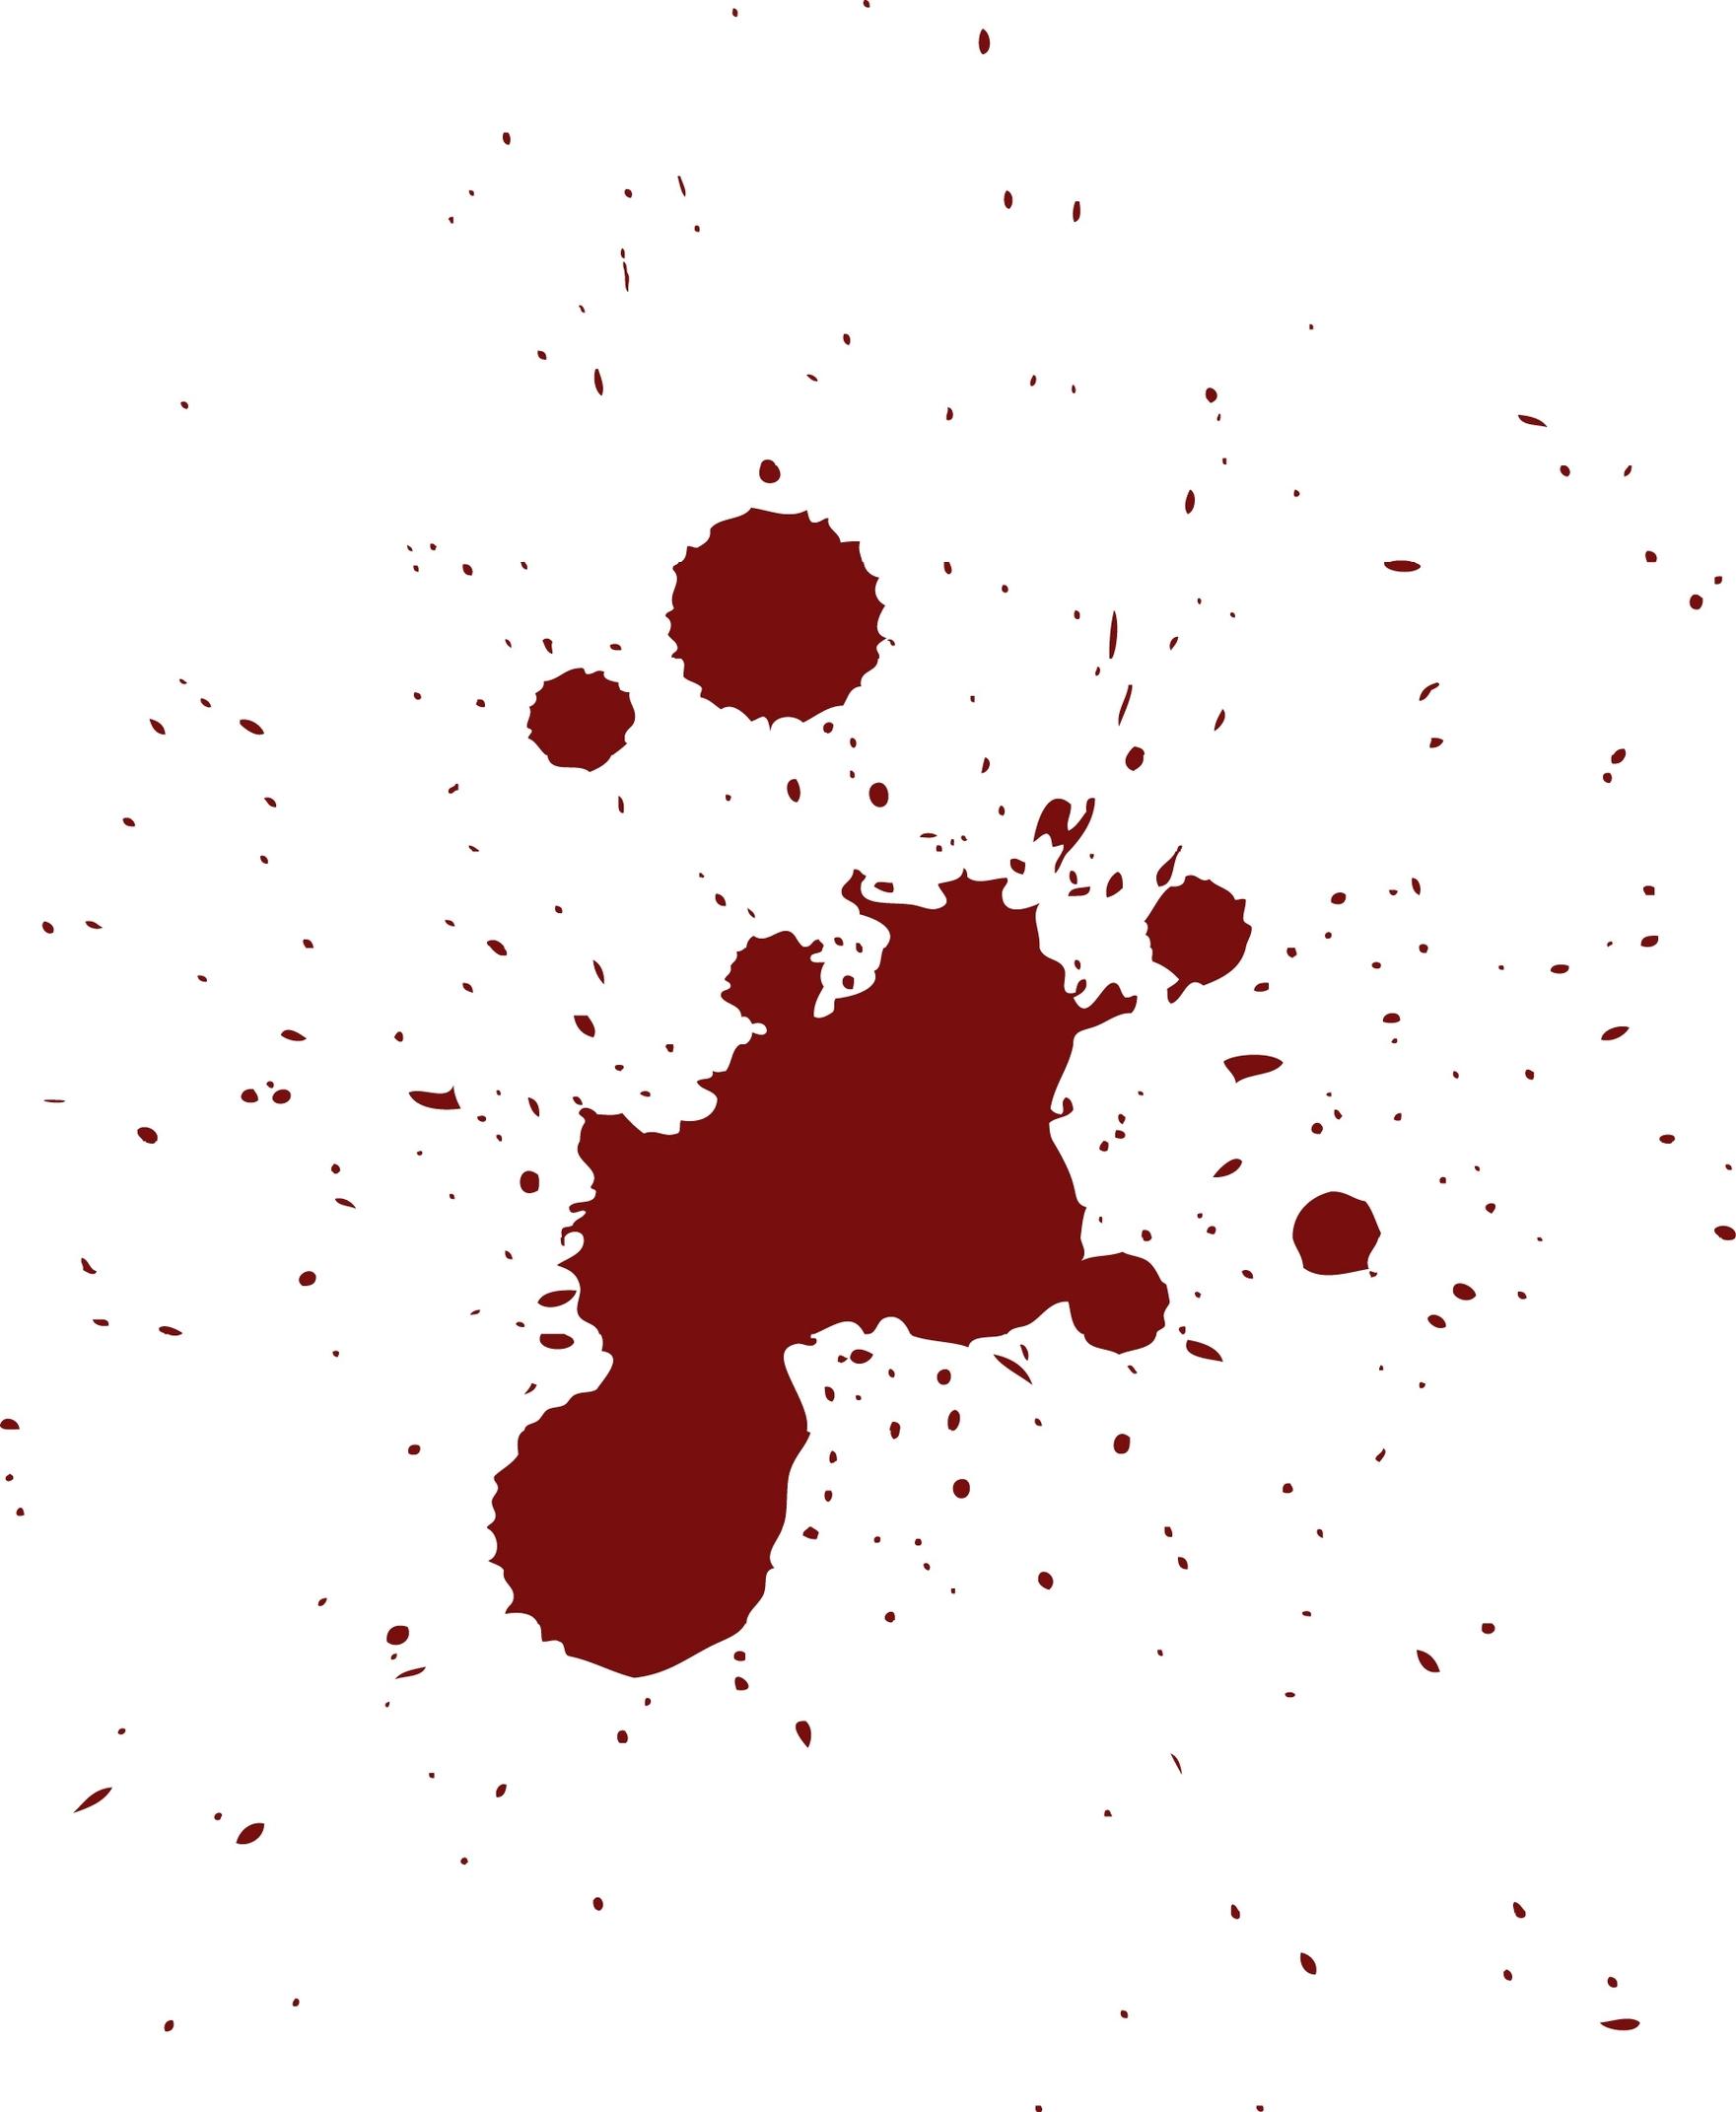 Blood Splatter Png Clipart